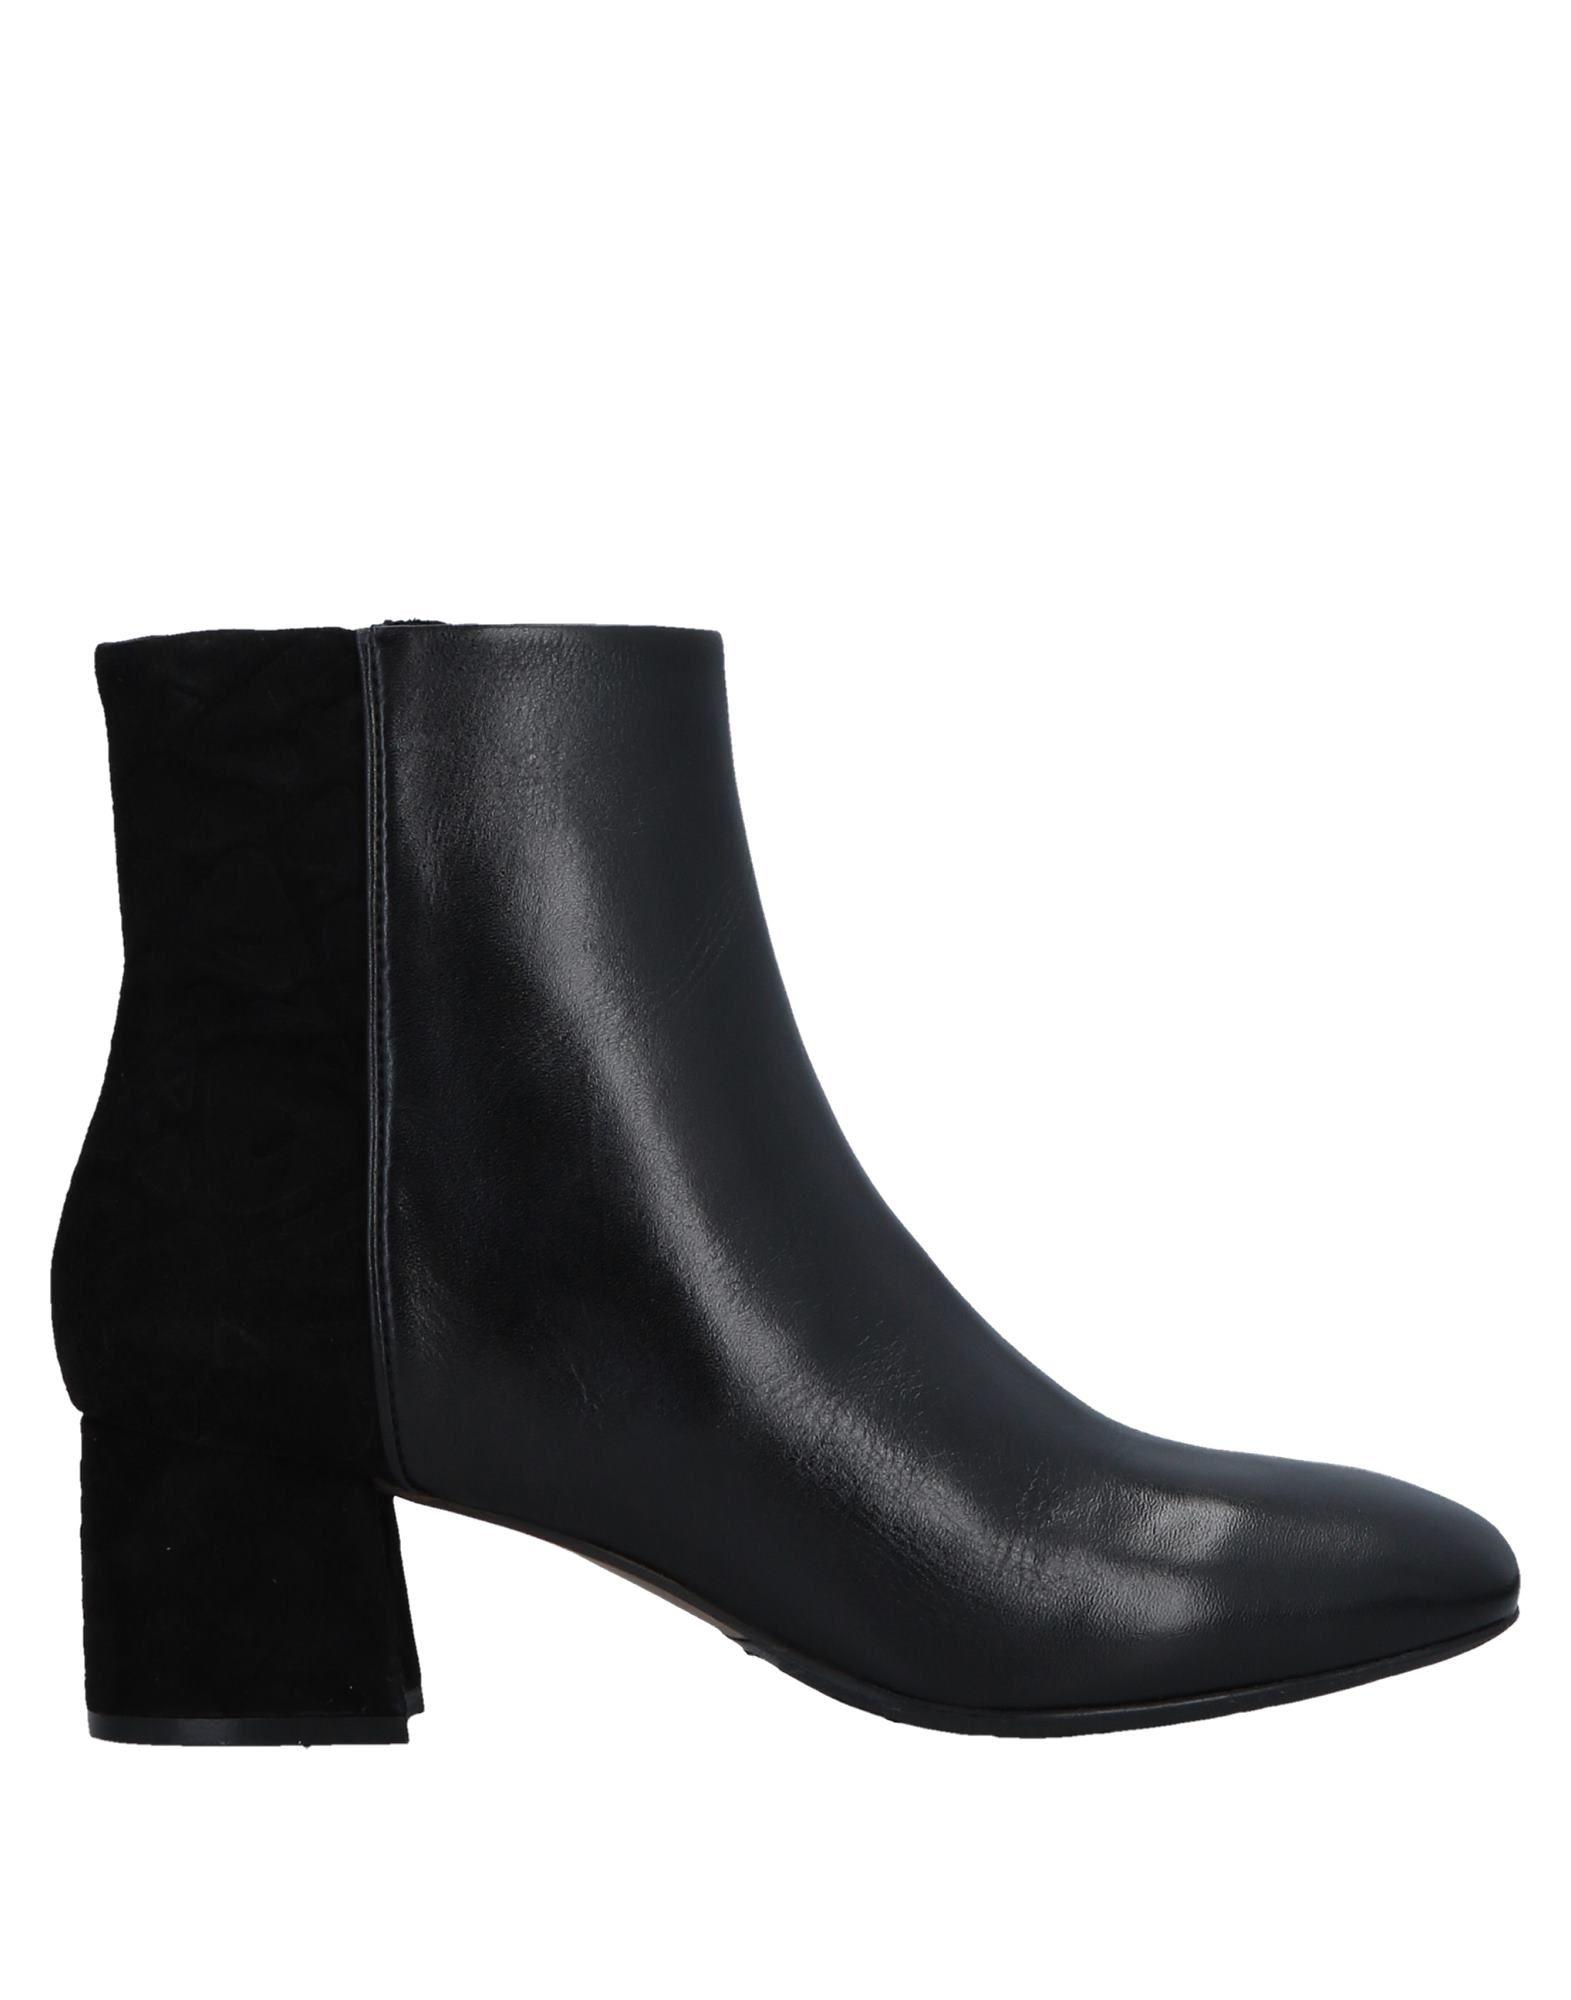 Apepazza Stiefelette Damen  11516841DE Gute Qualität beliebte Schuhe